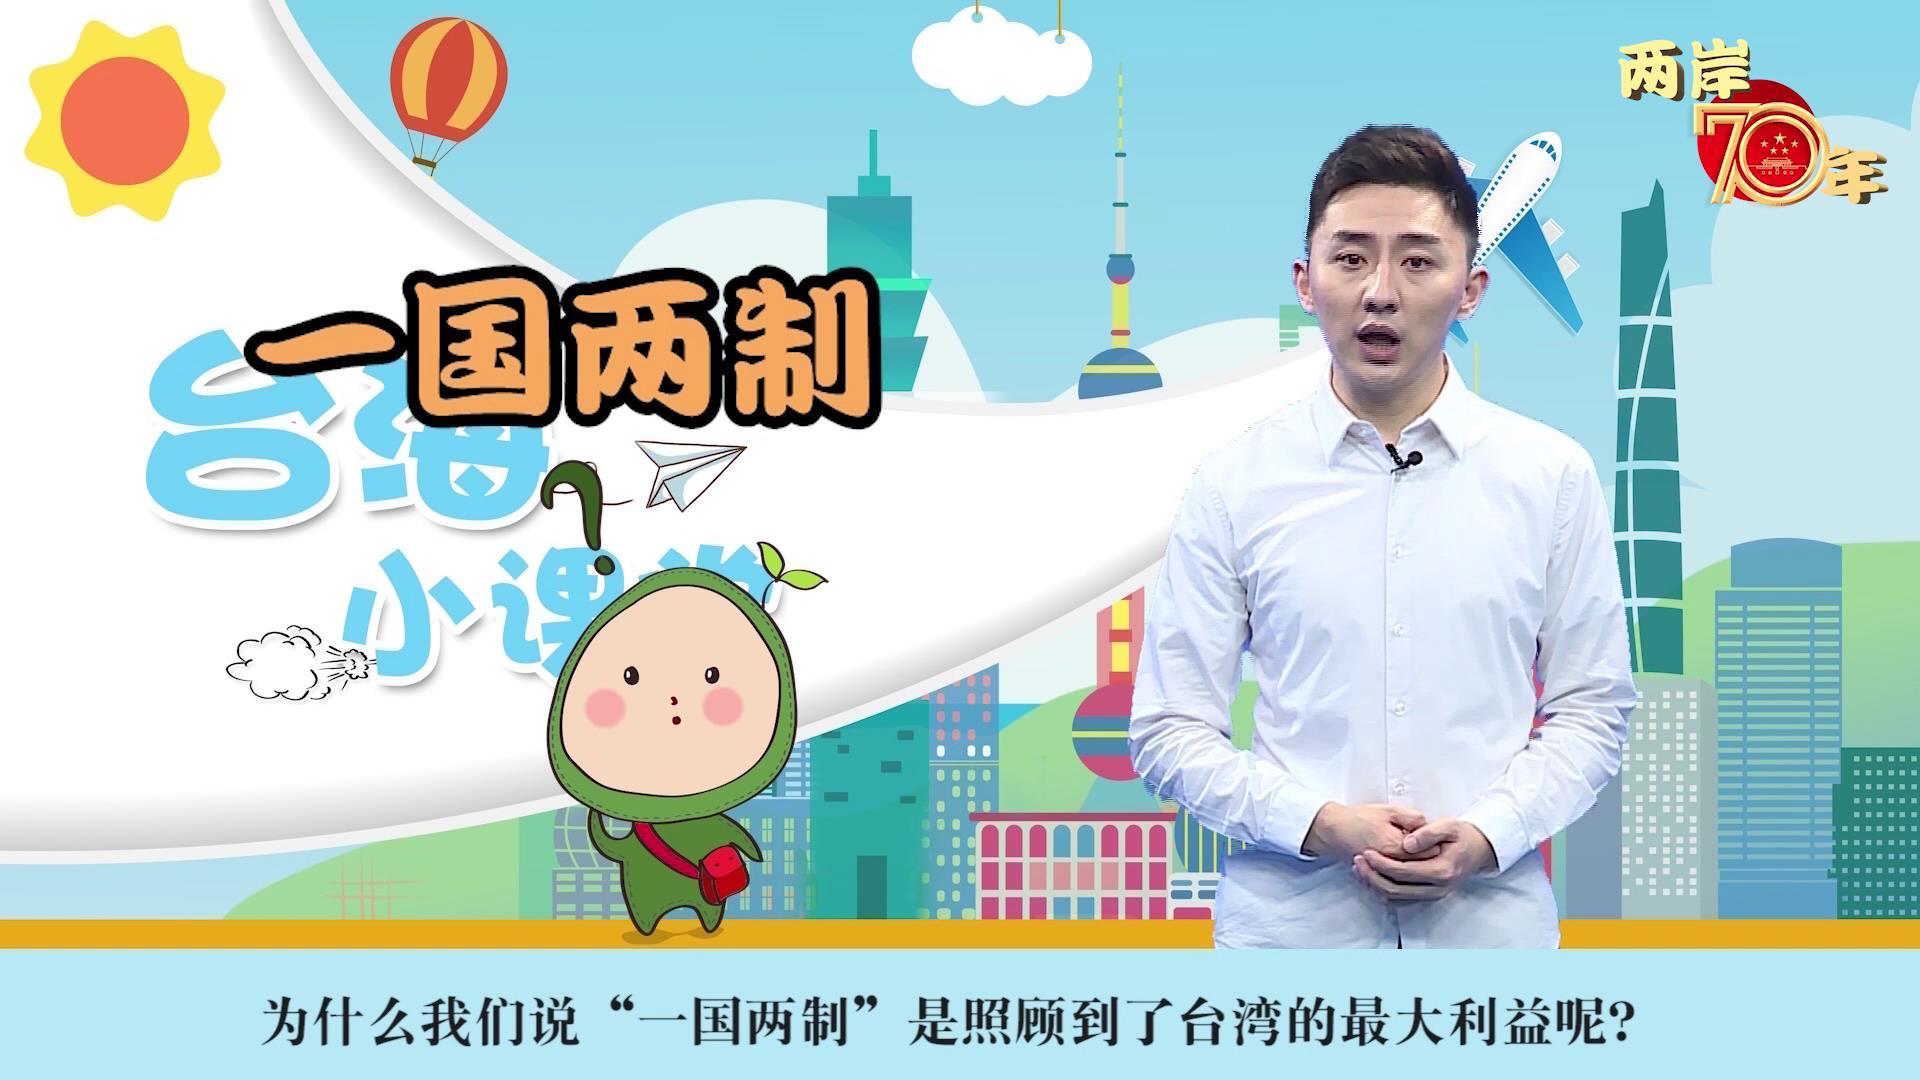 """第三期:为什么说""""一国两制""""照顾到了台湾的最大利益?图片"""